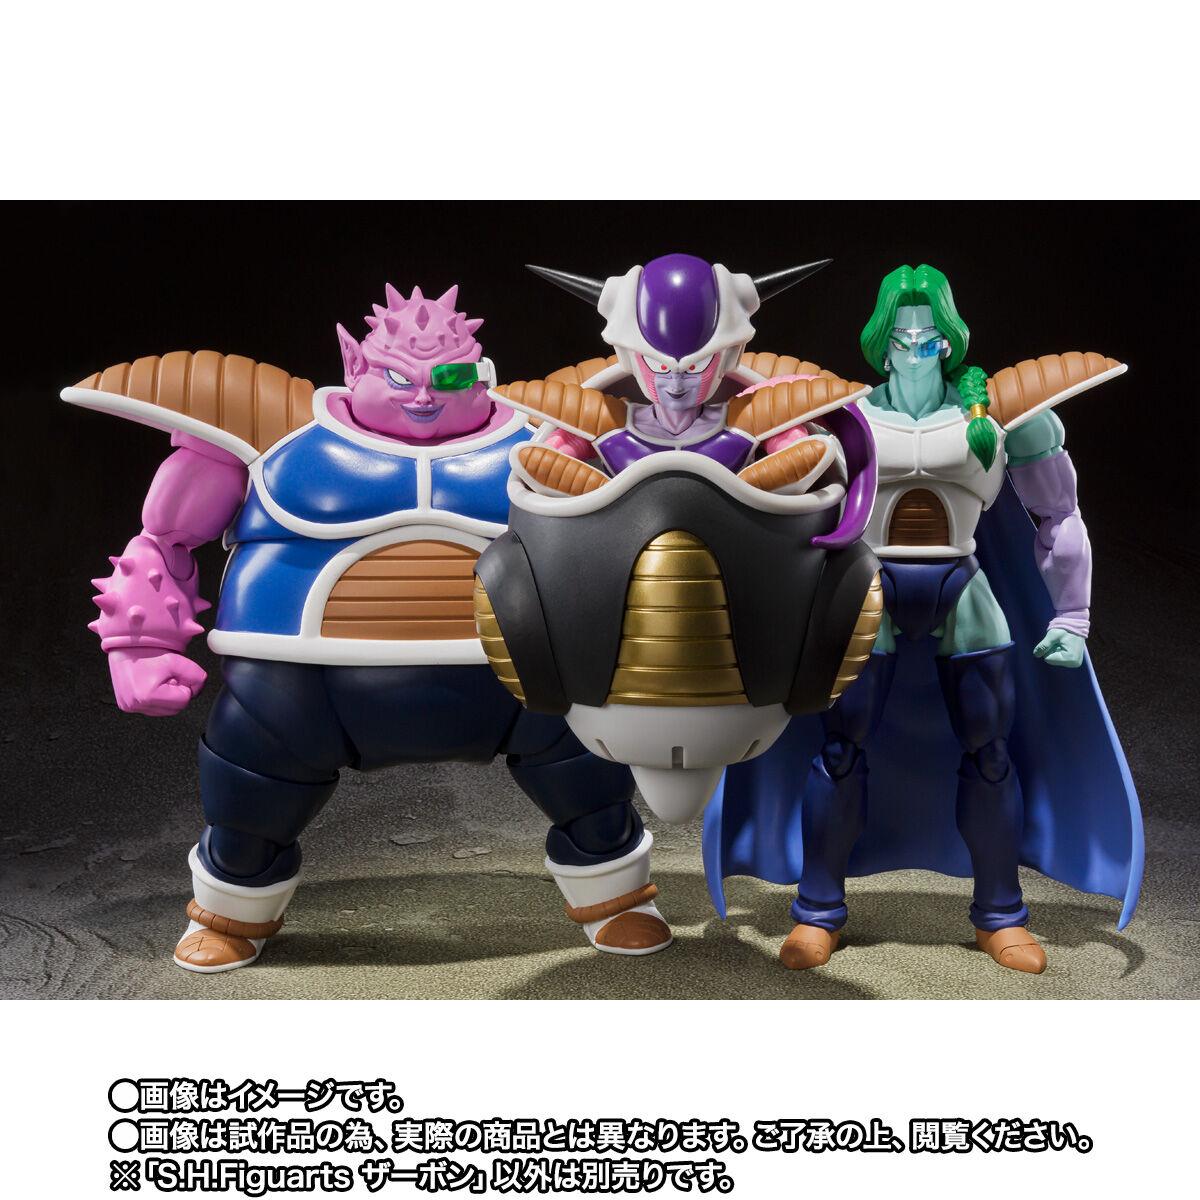 【限定販売】S.H.Figuarts『ザーボン』ドラゴンボールZ 可動フィギュア-005